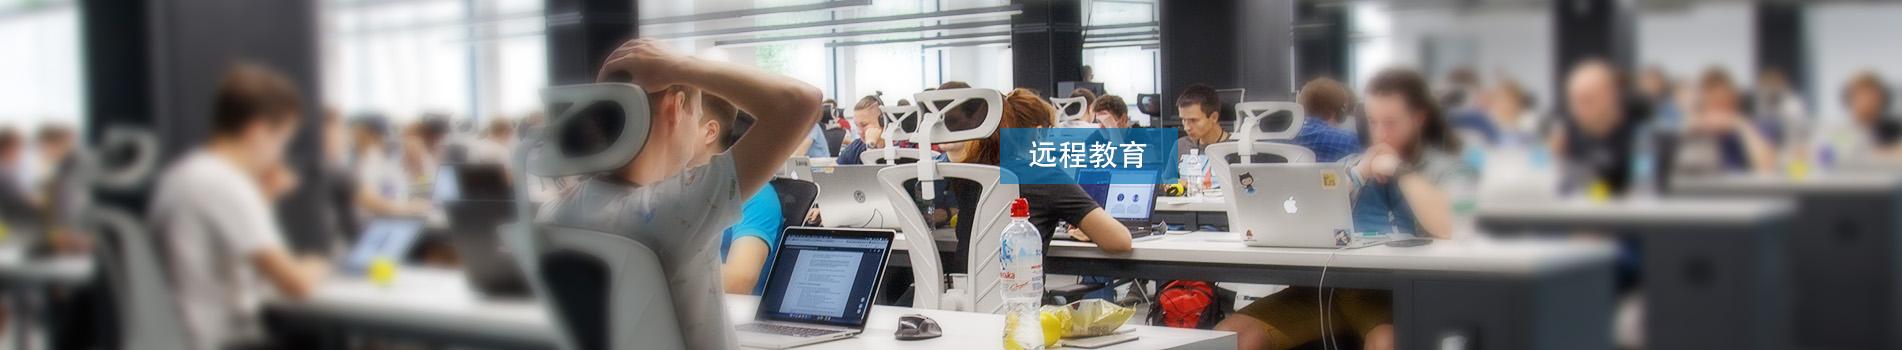 天津大学健康管理培训